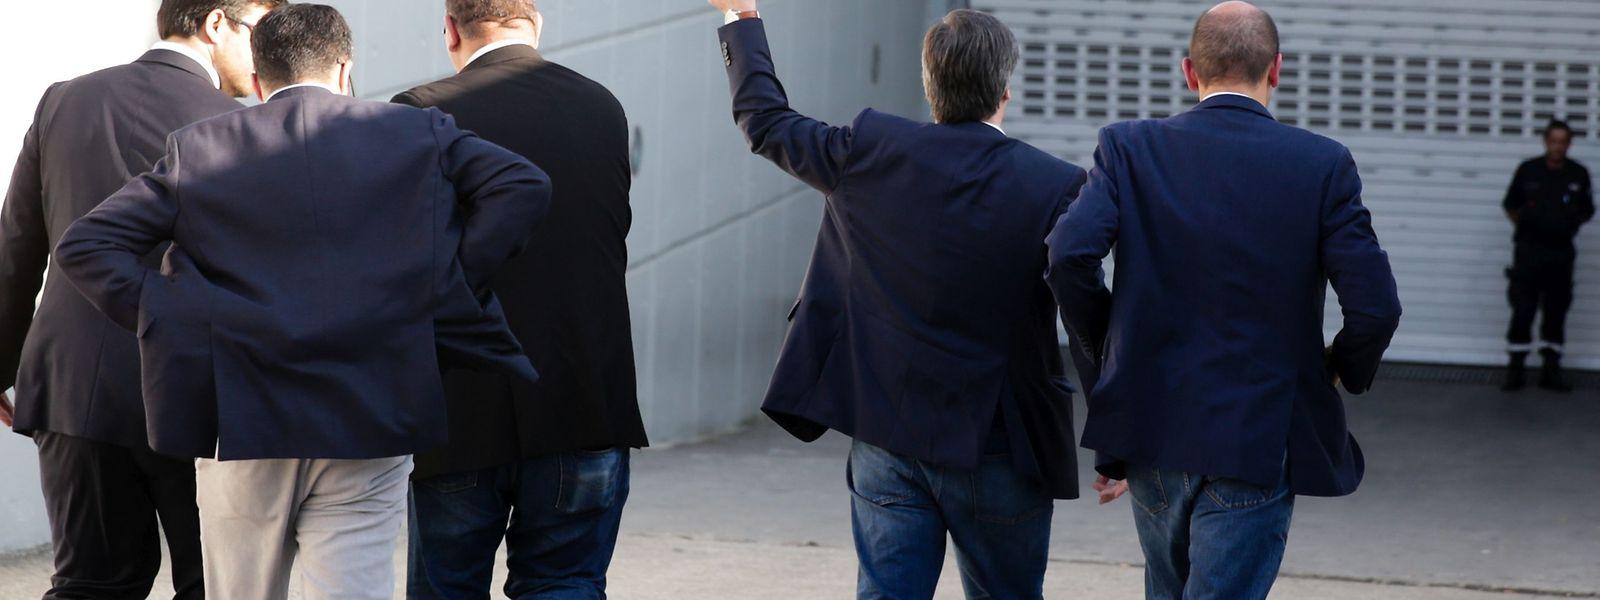 Bruno de Carvalho (2-D), acena antes de entrar na assembleia geral de destituição dos órgãos sociais do Sporting, convocada pela mesa da assembleia geral, no Altice Arena em Lisboa.